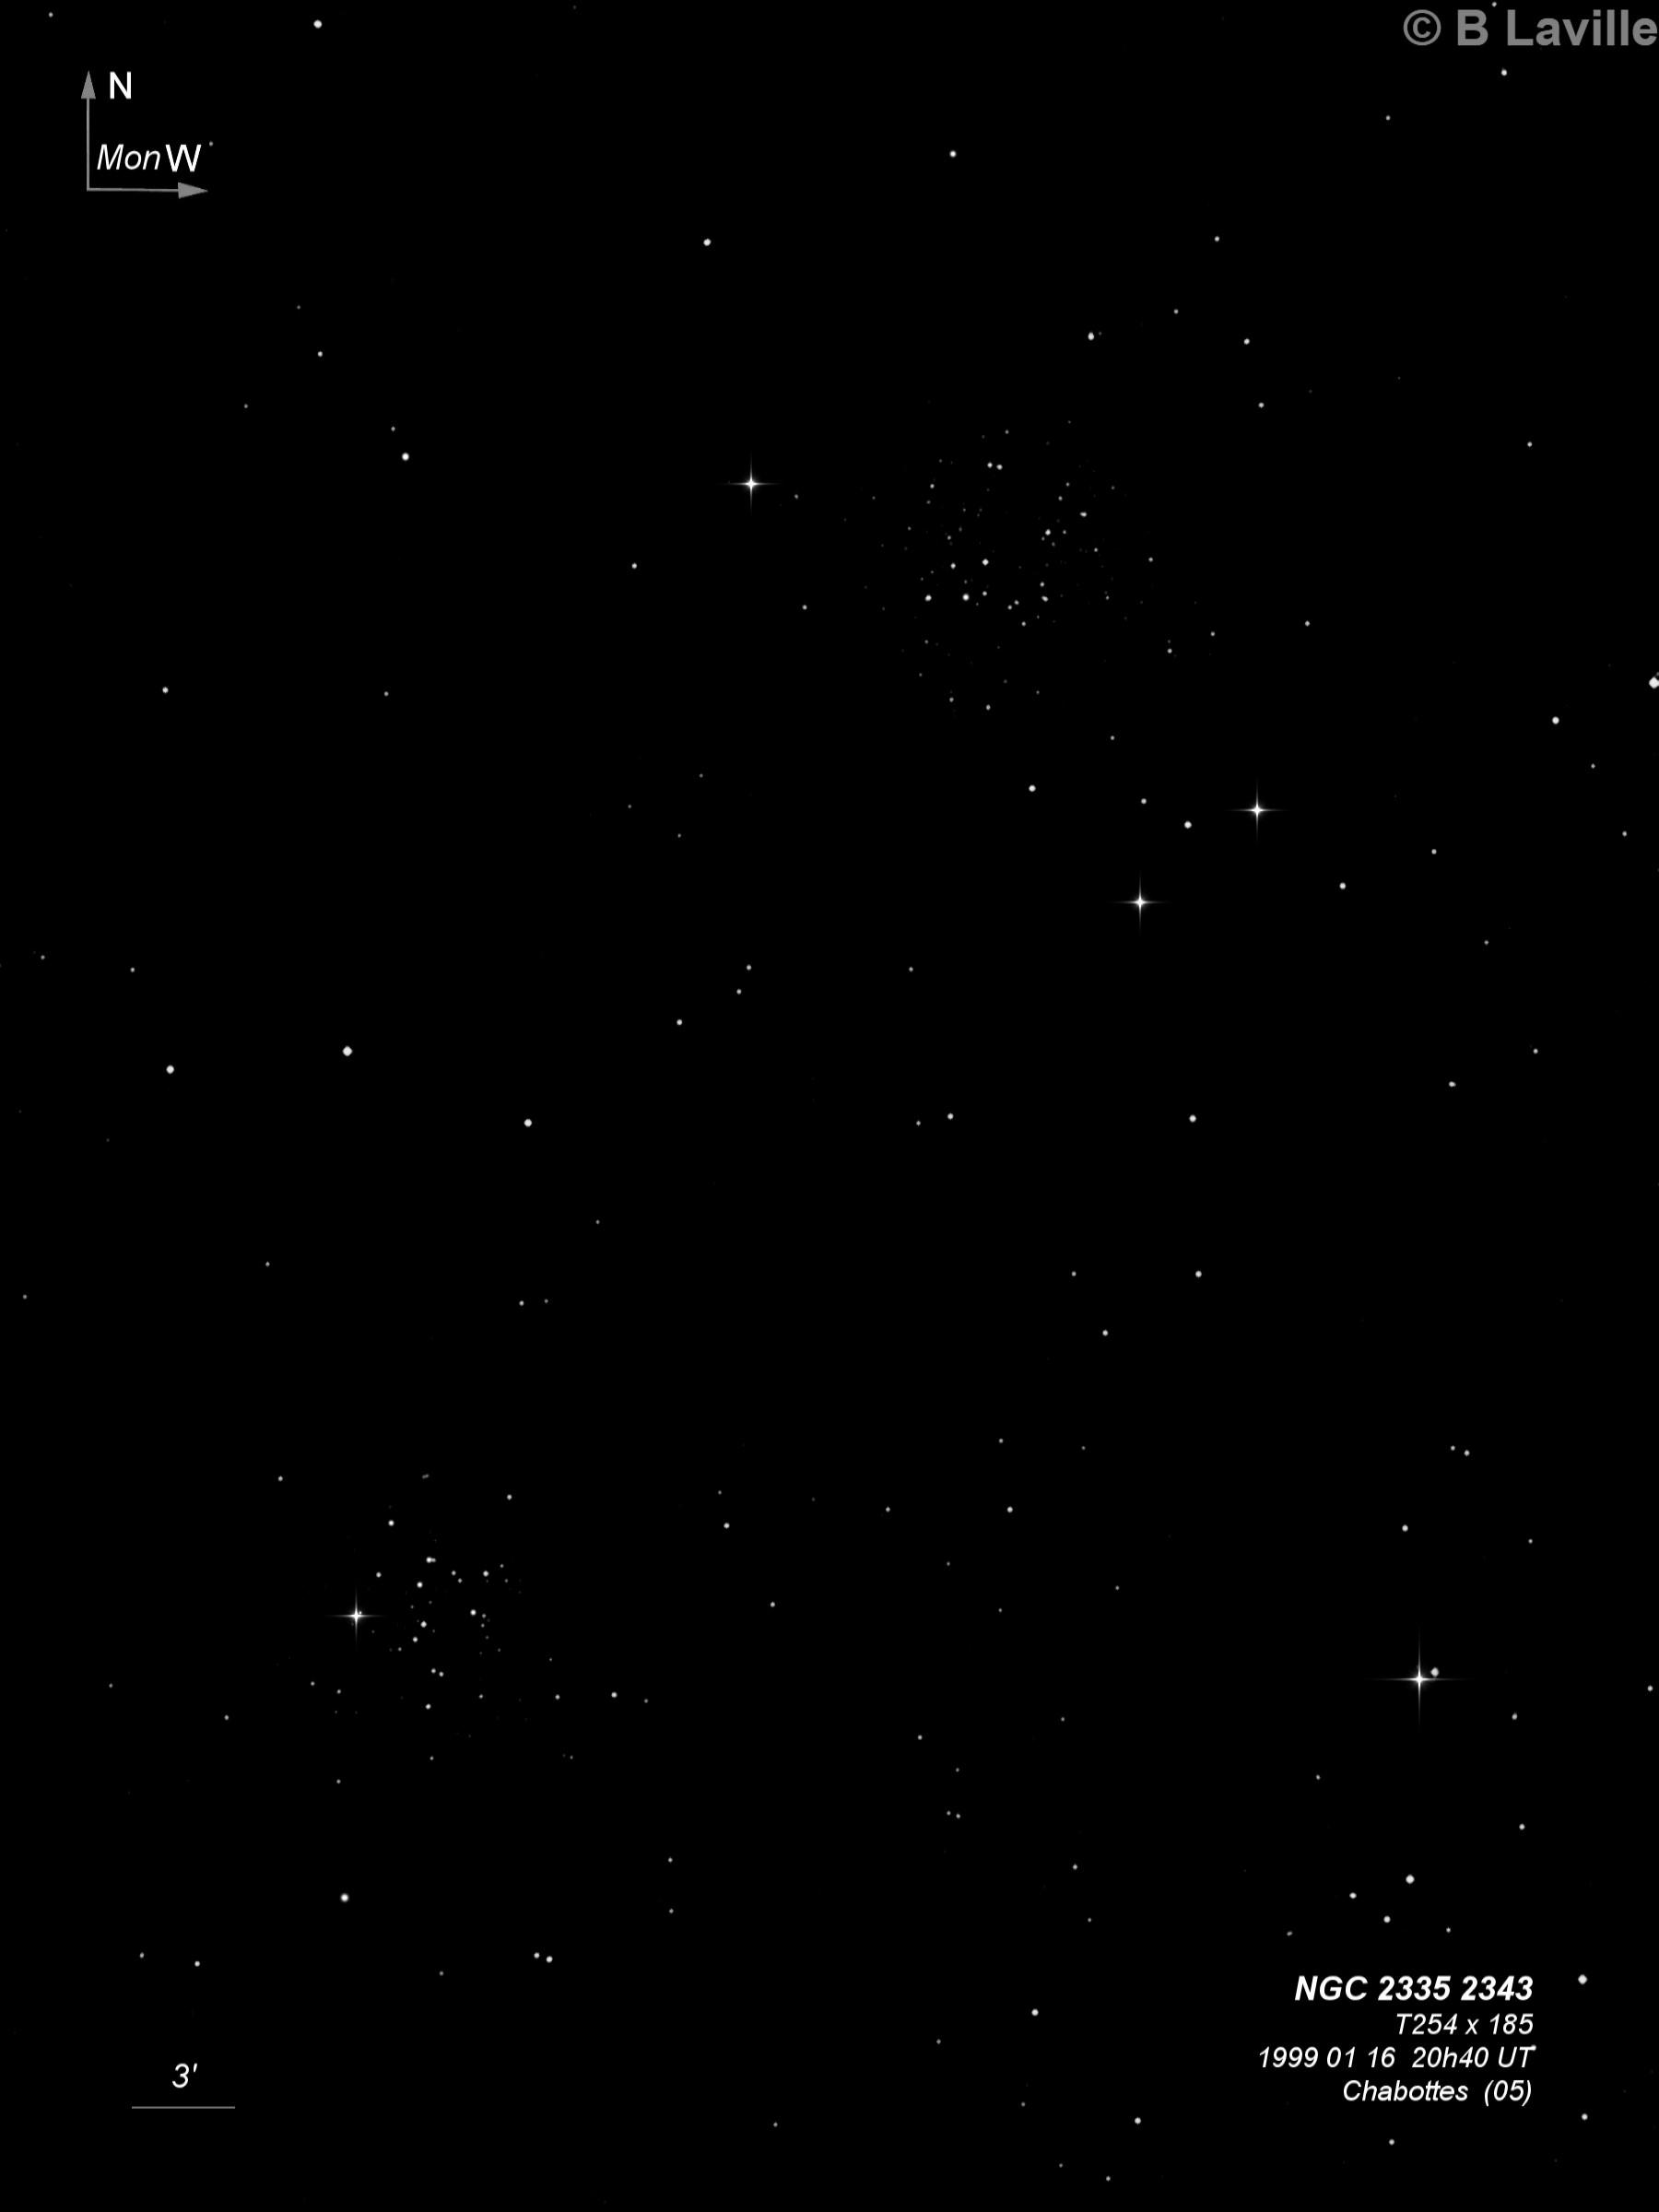 NGC 2335 & NGC 2343 (in Seagull Nebula)